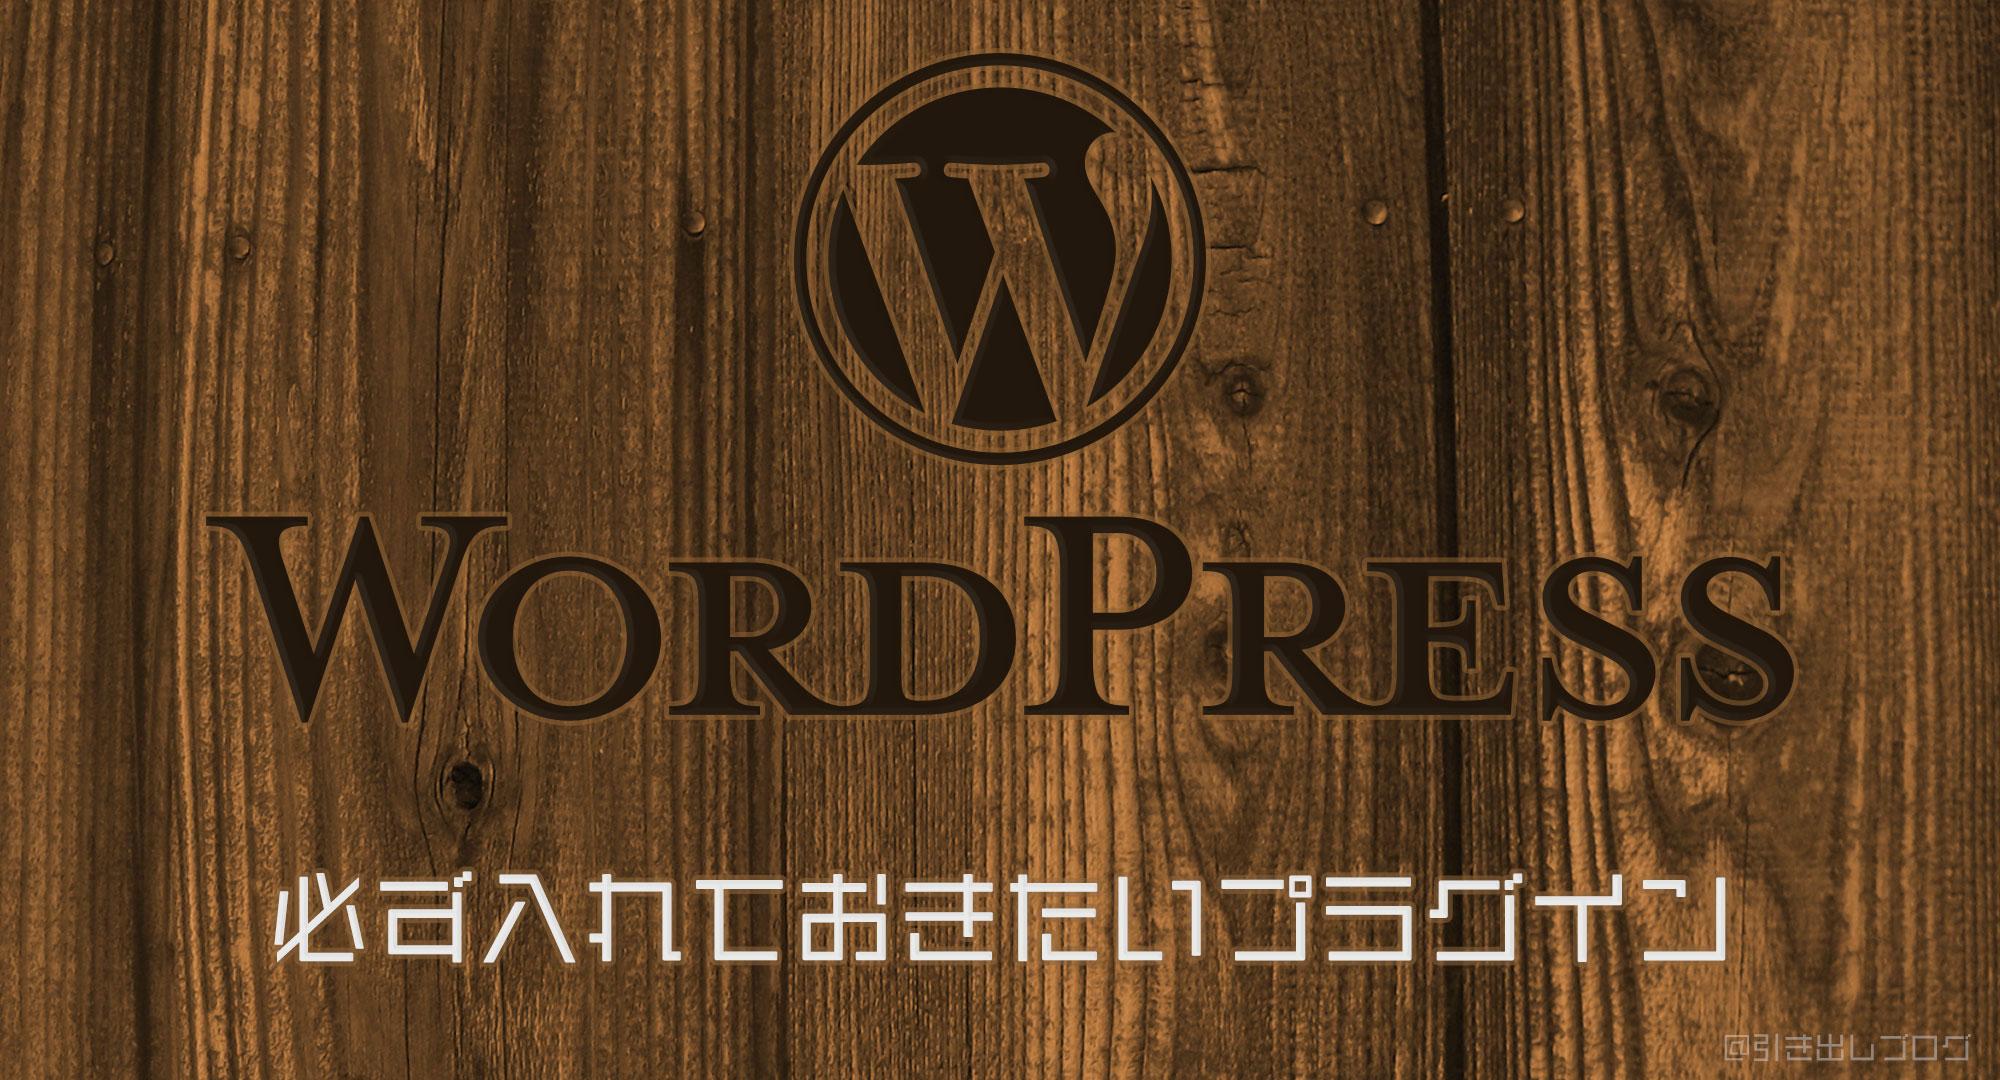 「備忘録」 Wordpressで必ず入れておきたいプラグイン 2019